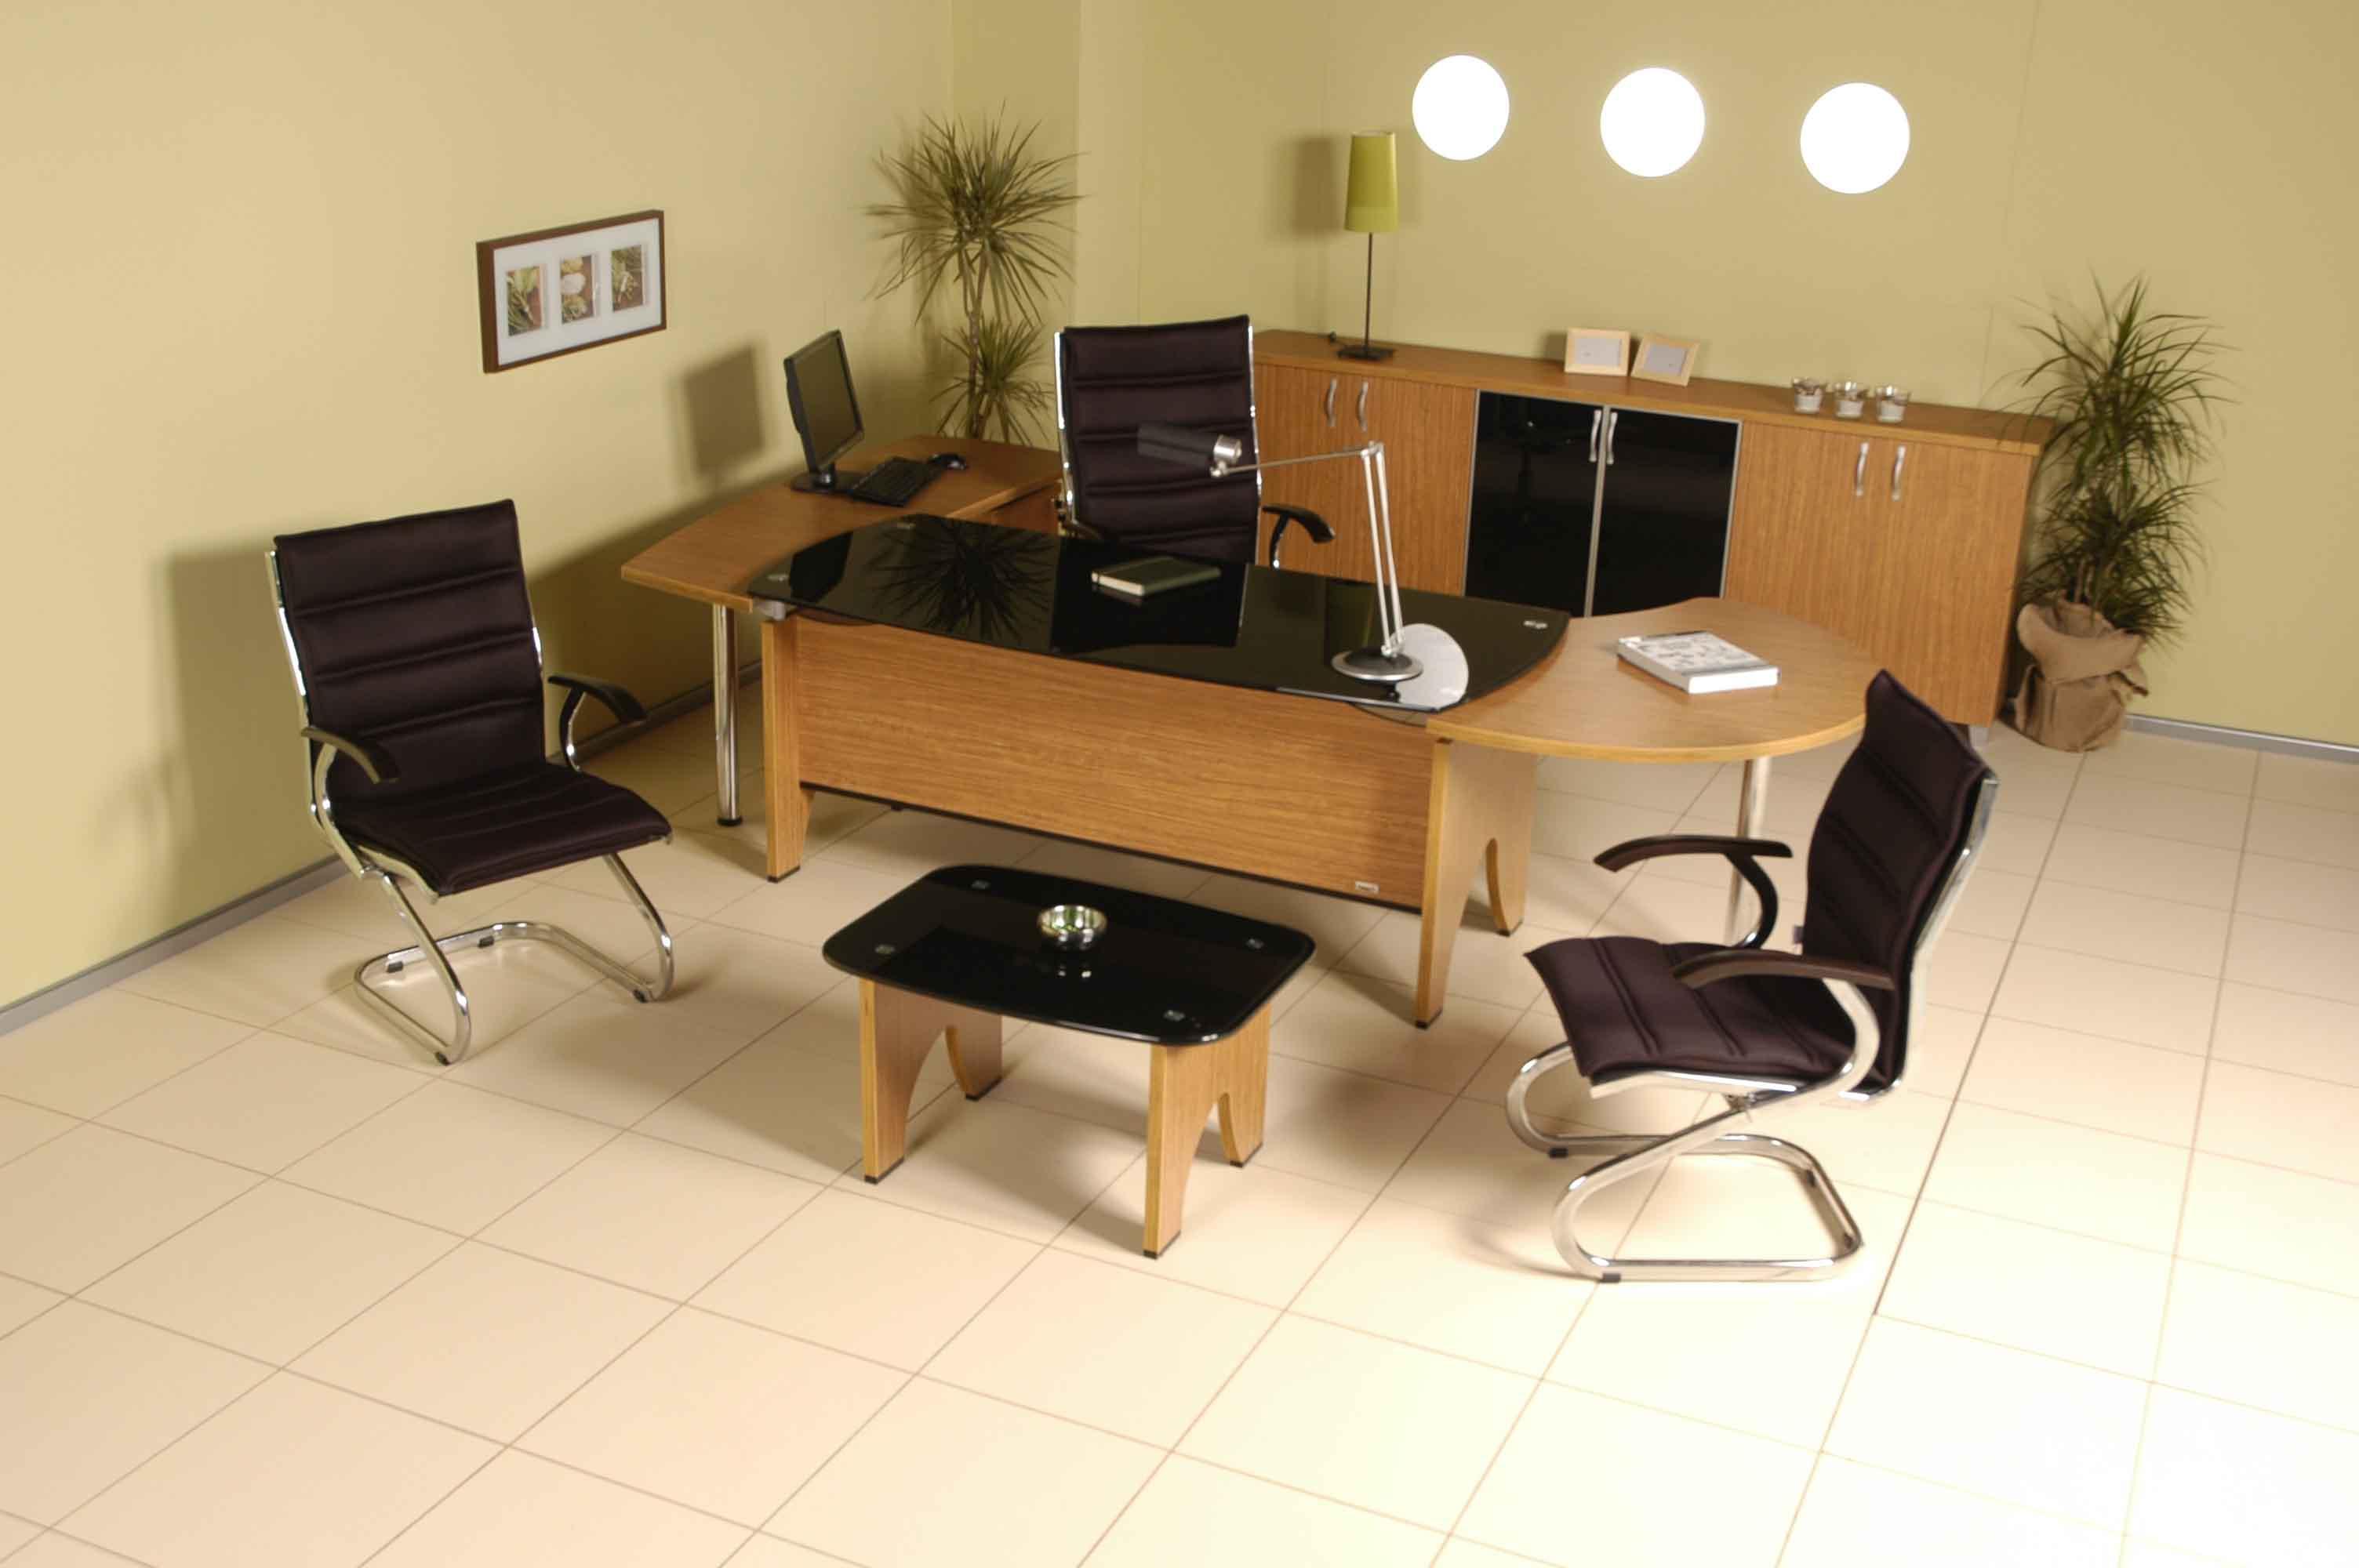 ofis #102700 - uludağ sözlük galeri